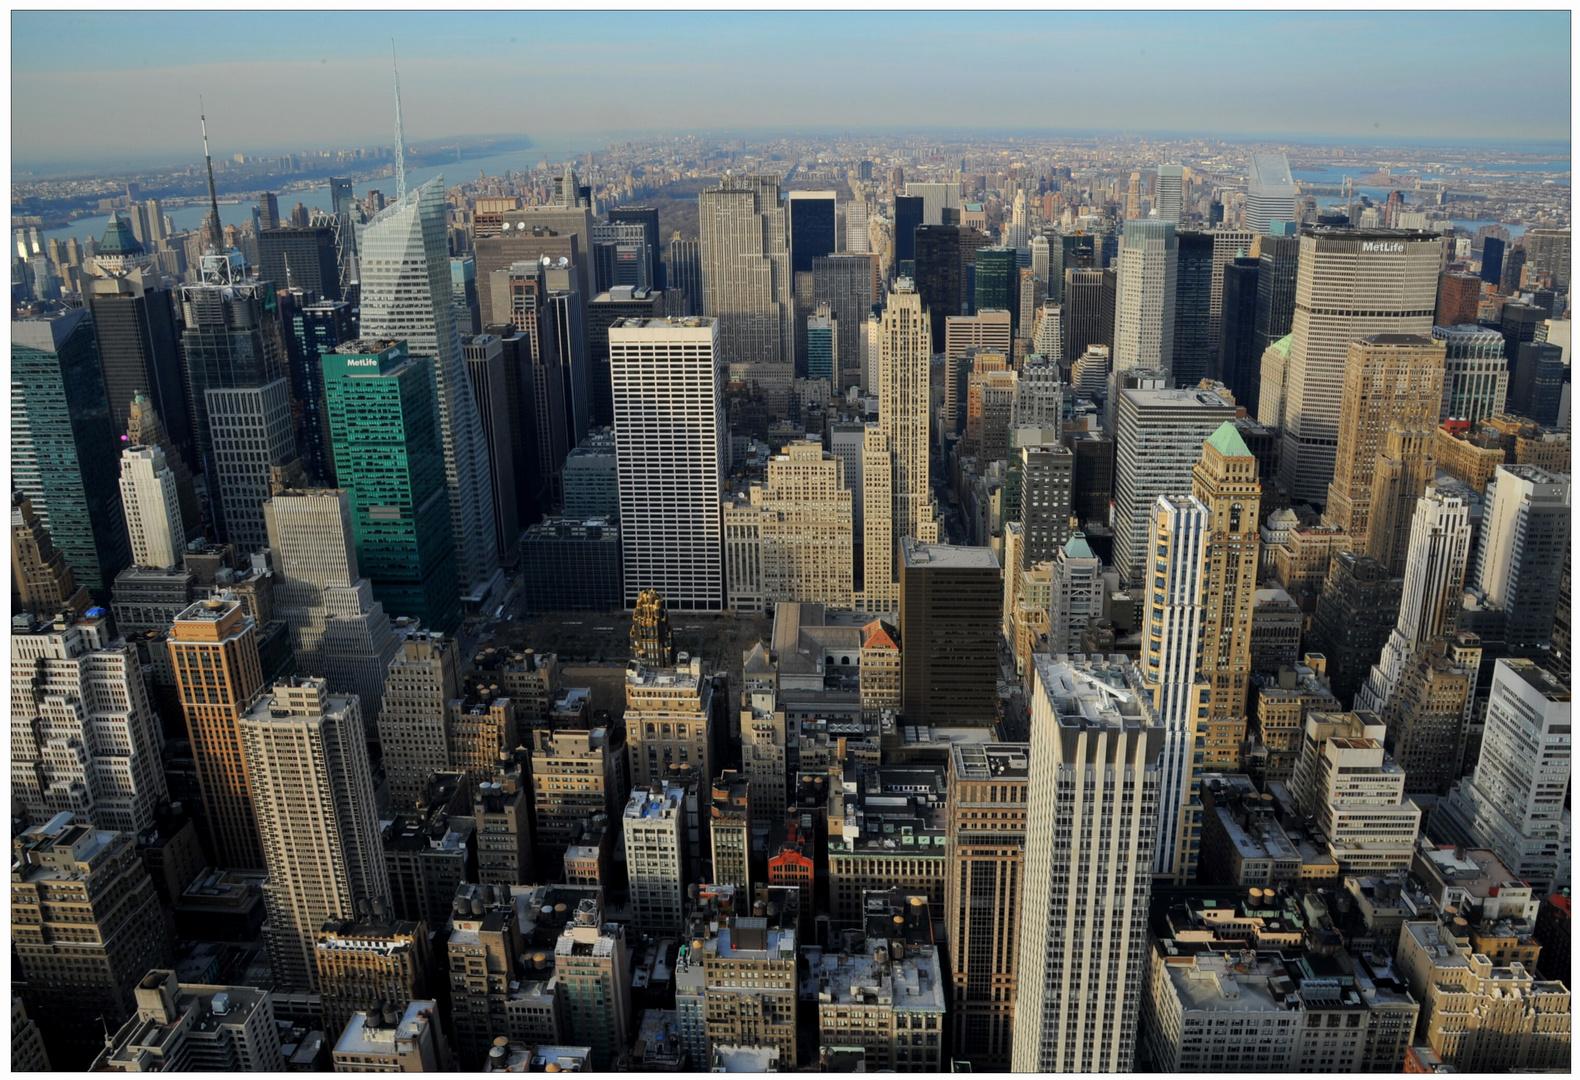 New York 2011, vista del Empire State Building al norte, dedicada a Biggi Evi Seidel